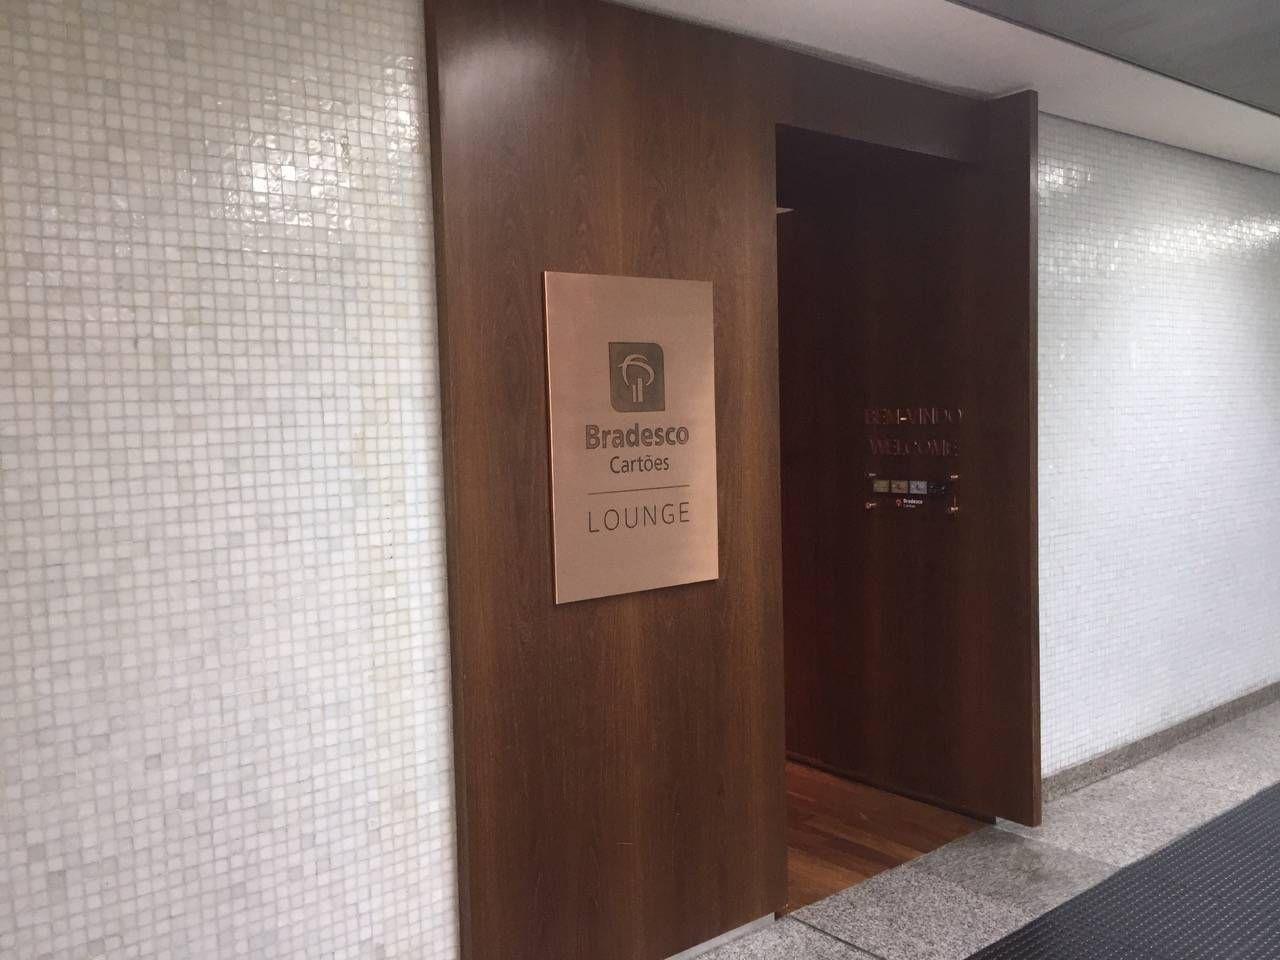 Bradesco Cartoes Lounge-025